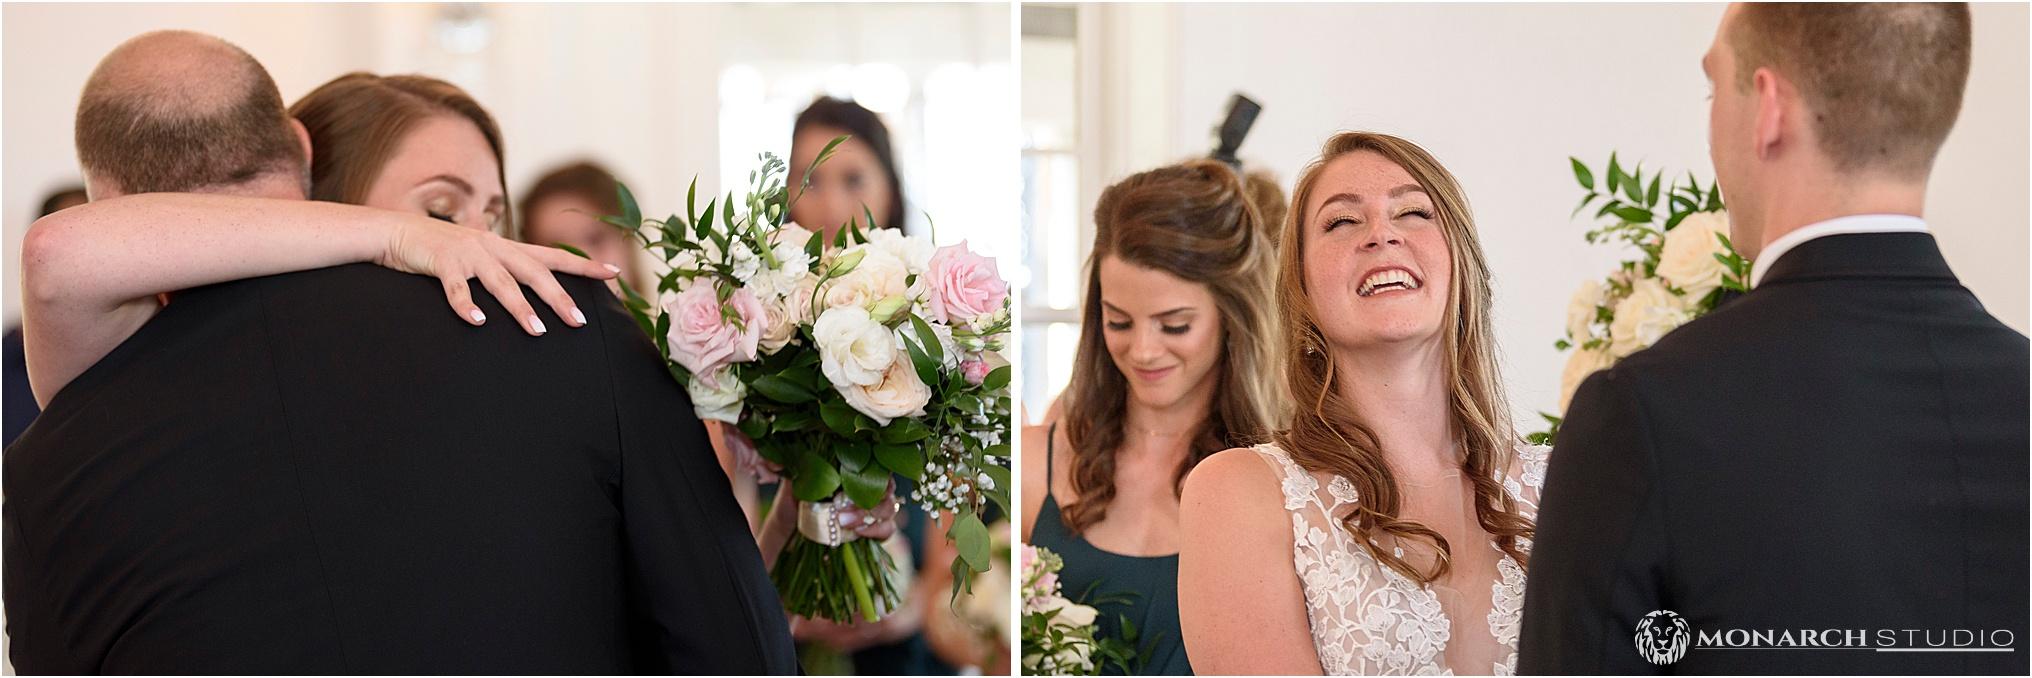 best-wedding-photographer-near-st-augustine-156.jpg